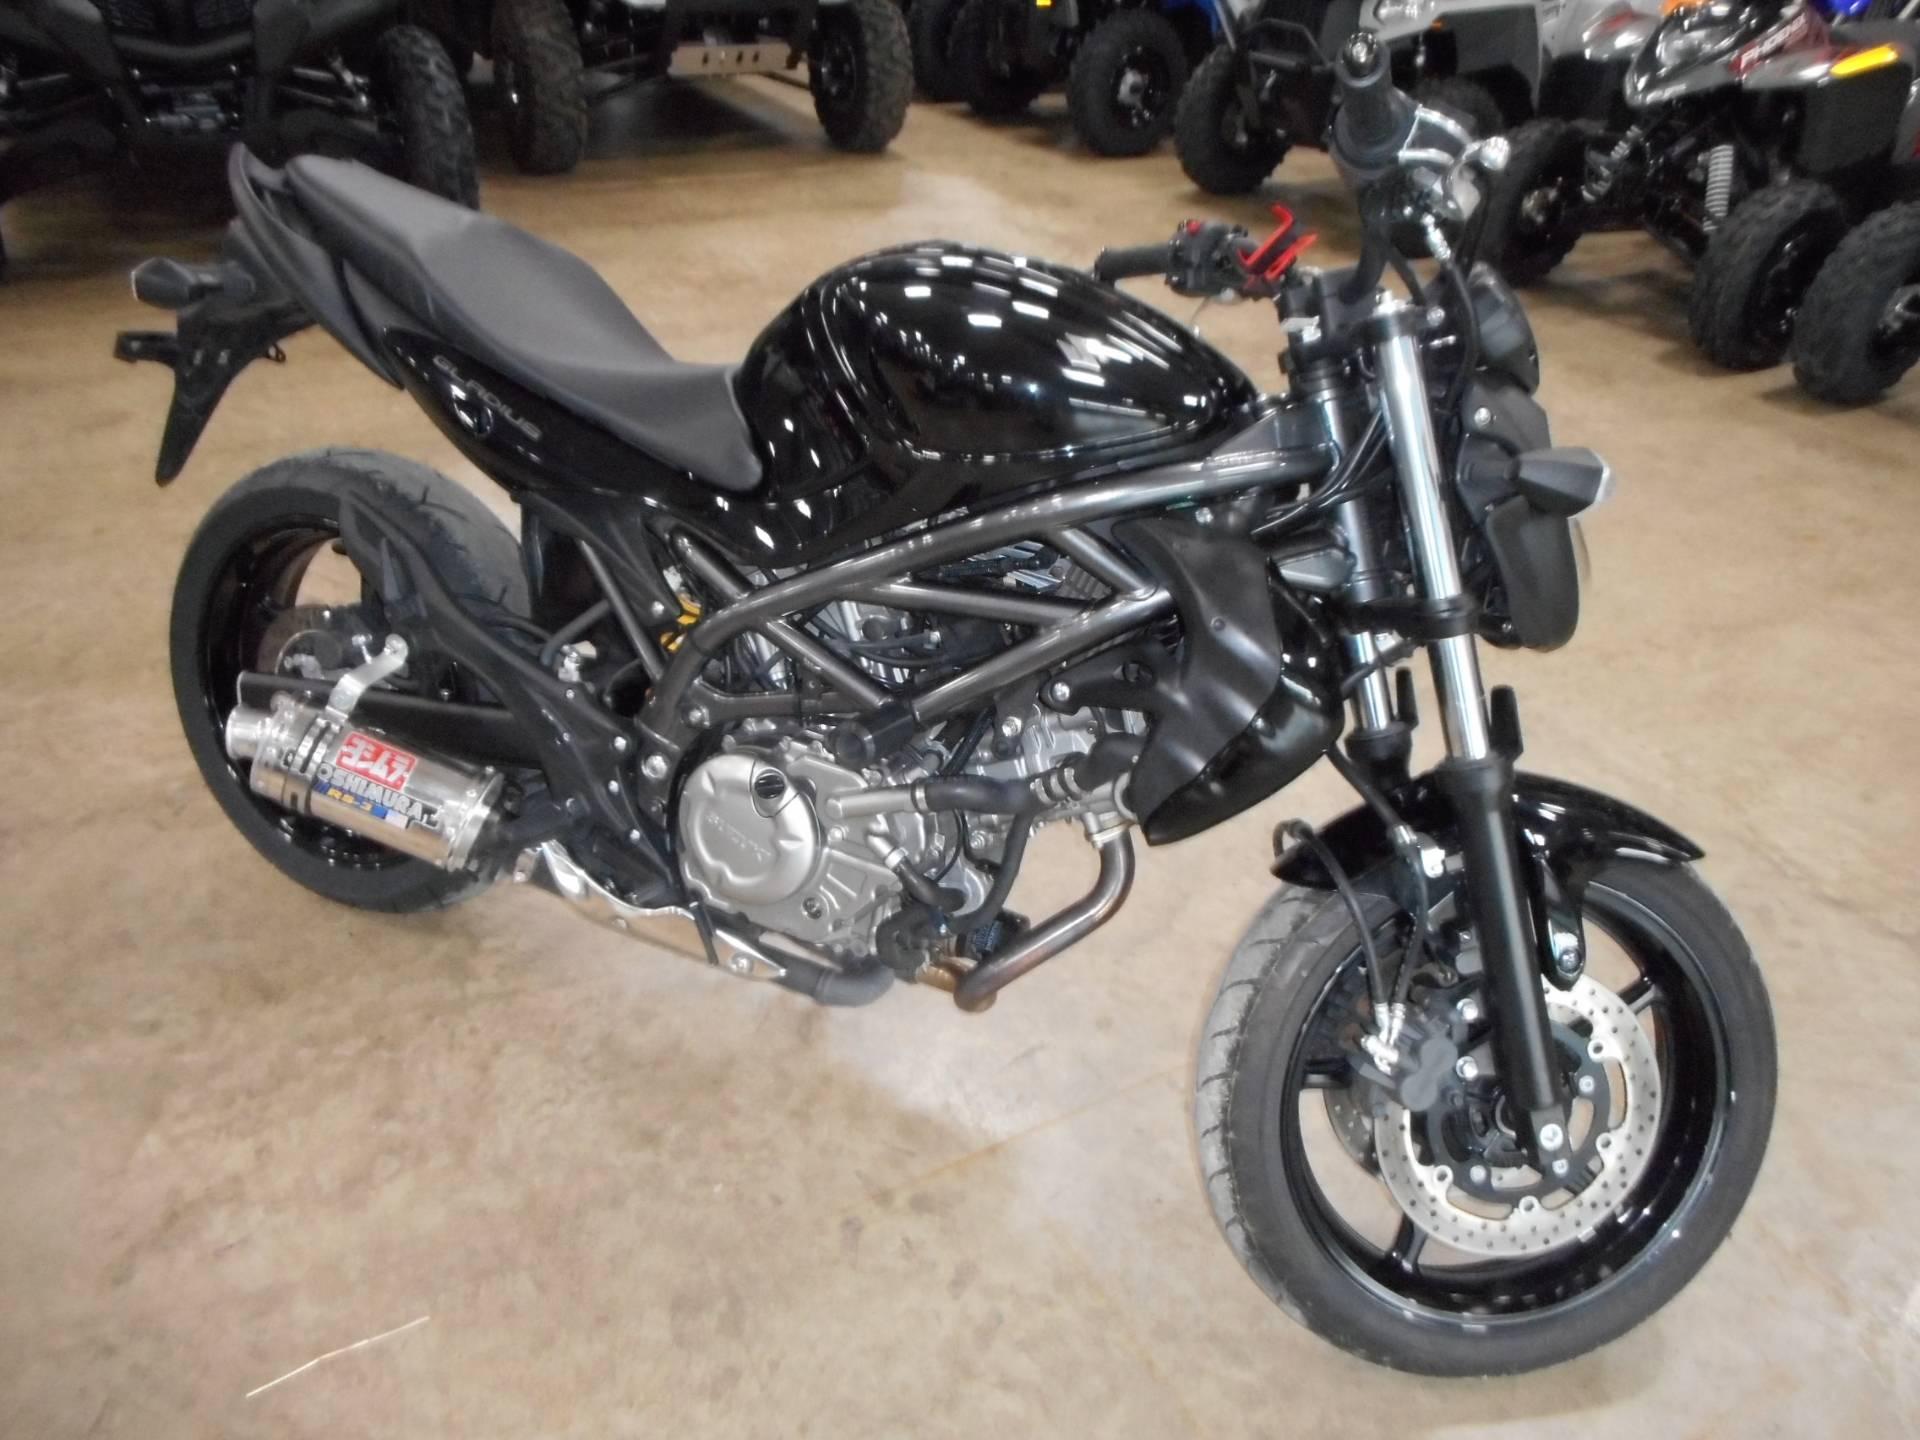 2009 Suzuki Gladius 1